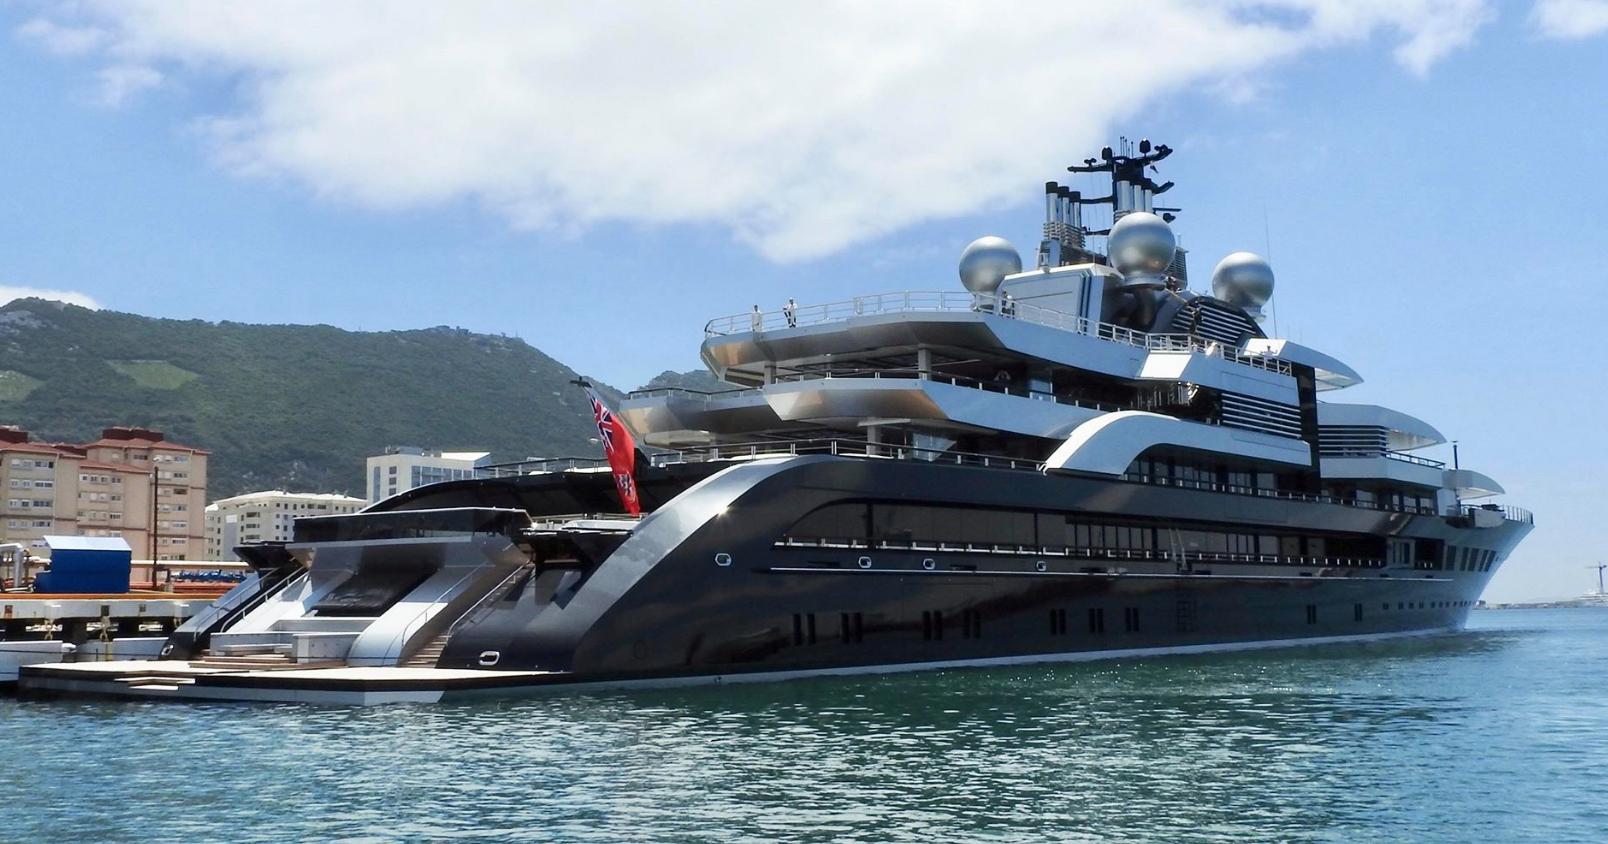 M/y Crescent 135M Super Yacht By Lürssen Yachtssuper Yachts ... destiné Piscine Plus Le Cres